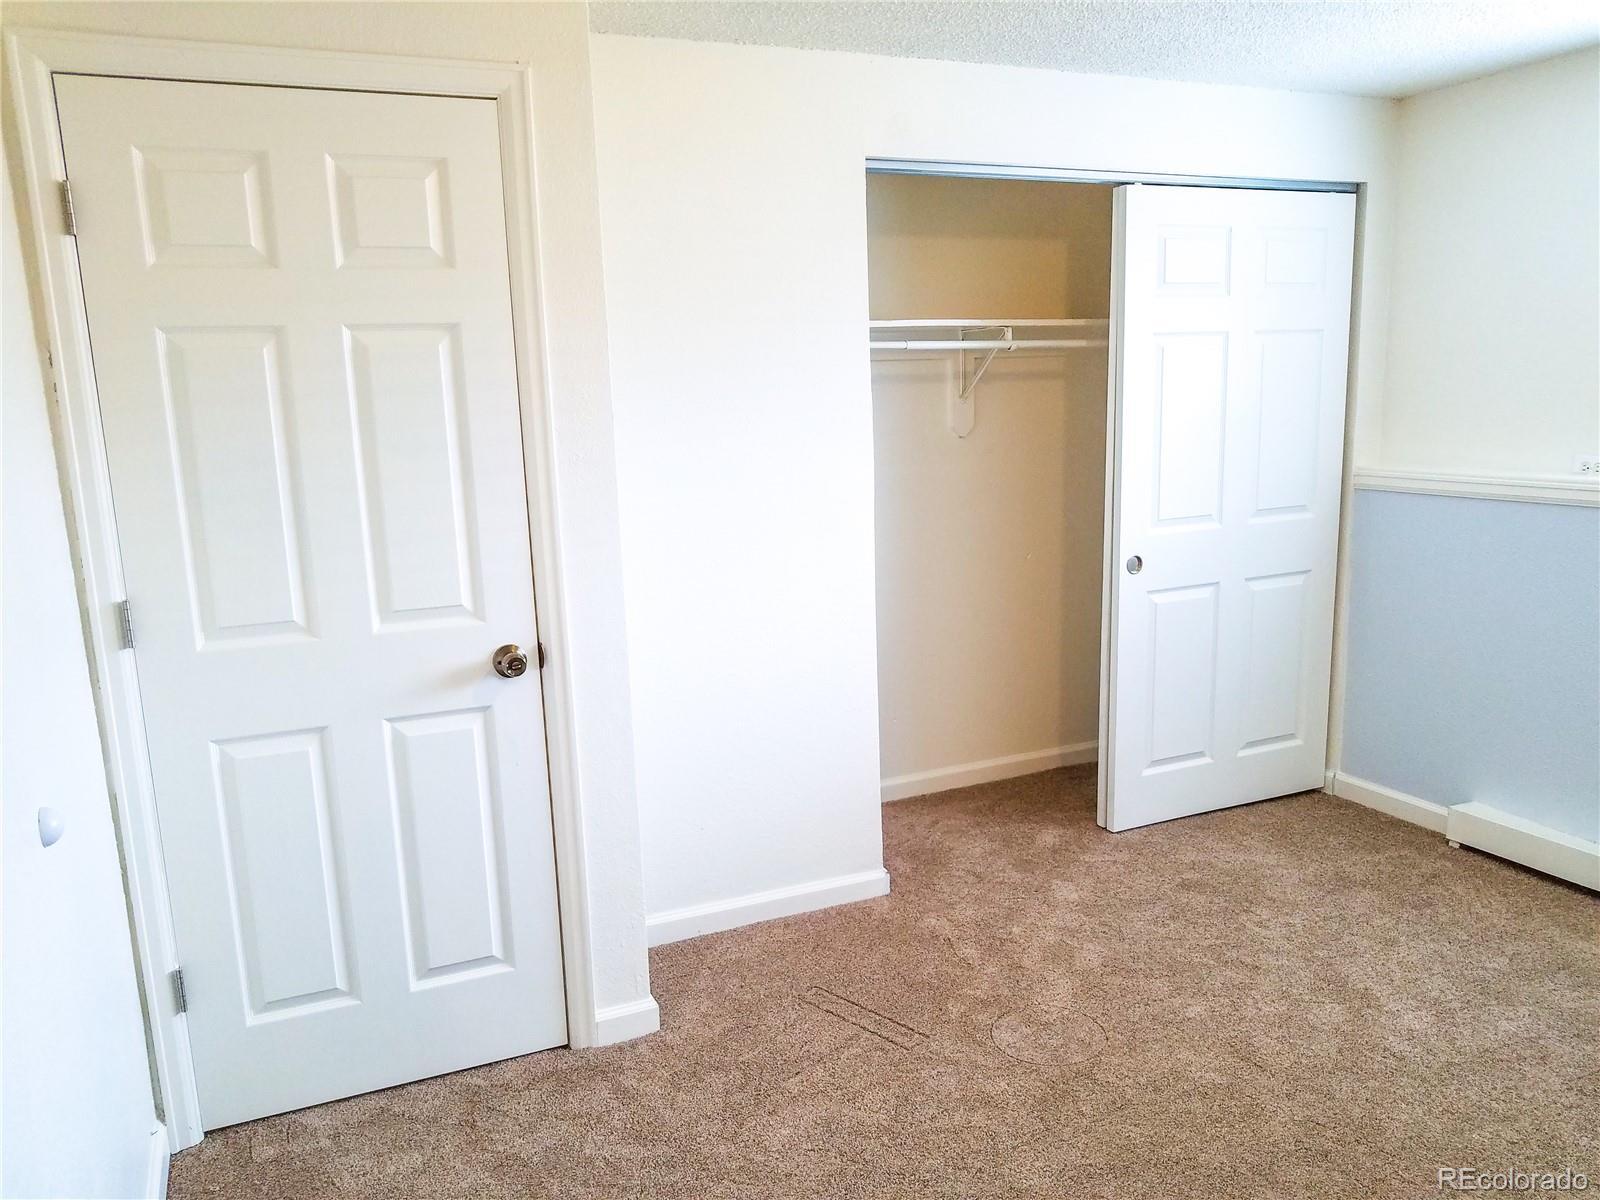 MLS# 5666080 - 3 - 325 Vehr Drive, Colorado Springs, CO 80916